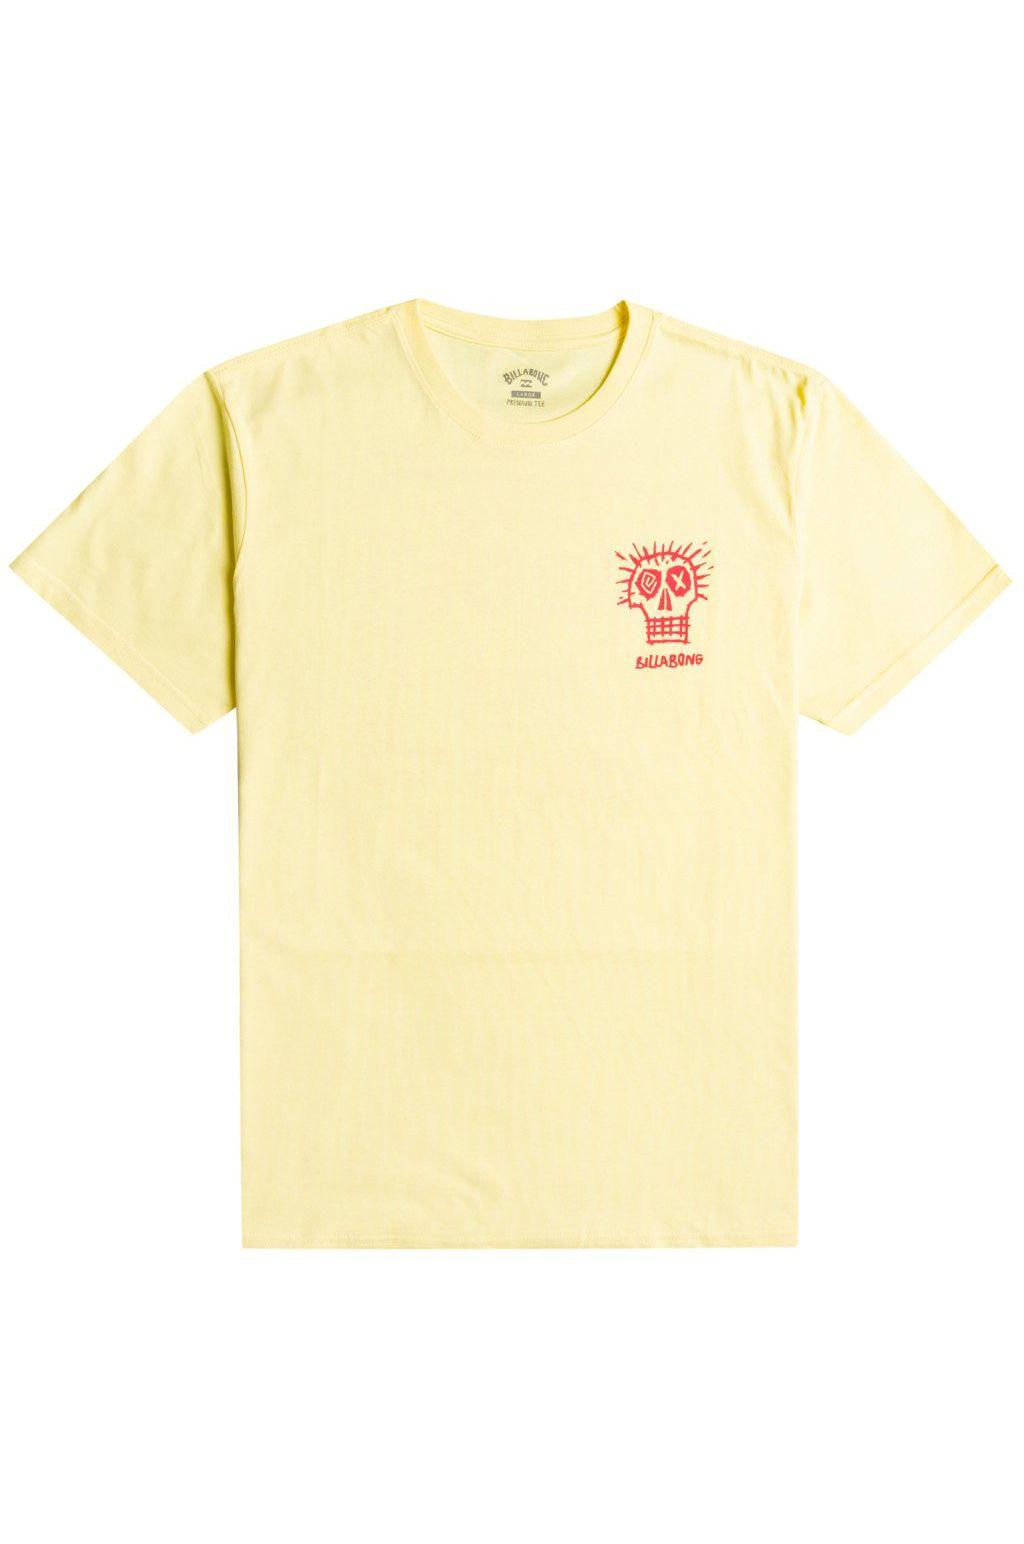 Billabong T-Shirt BAD BILLY SS Beeswax